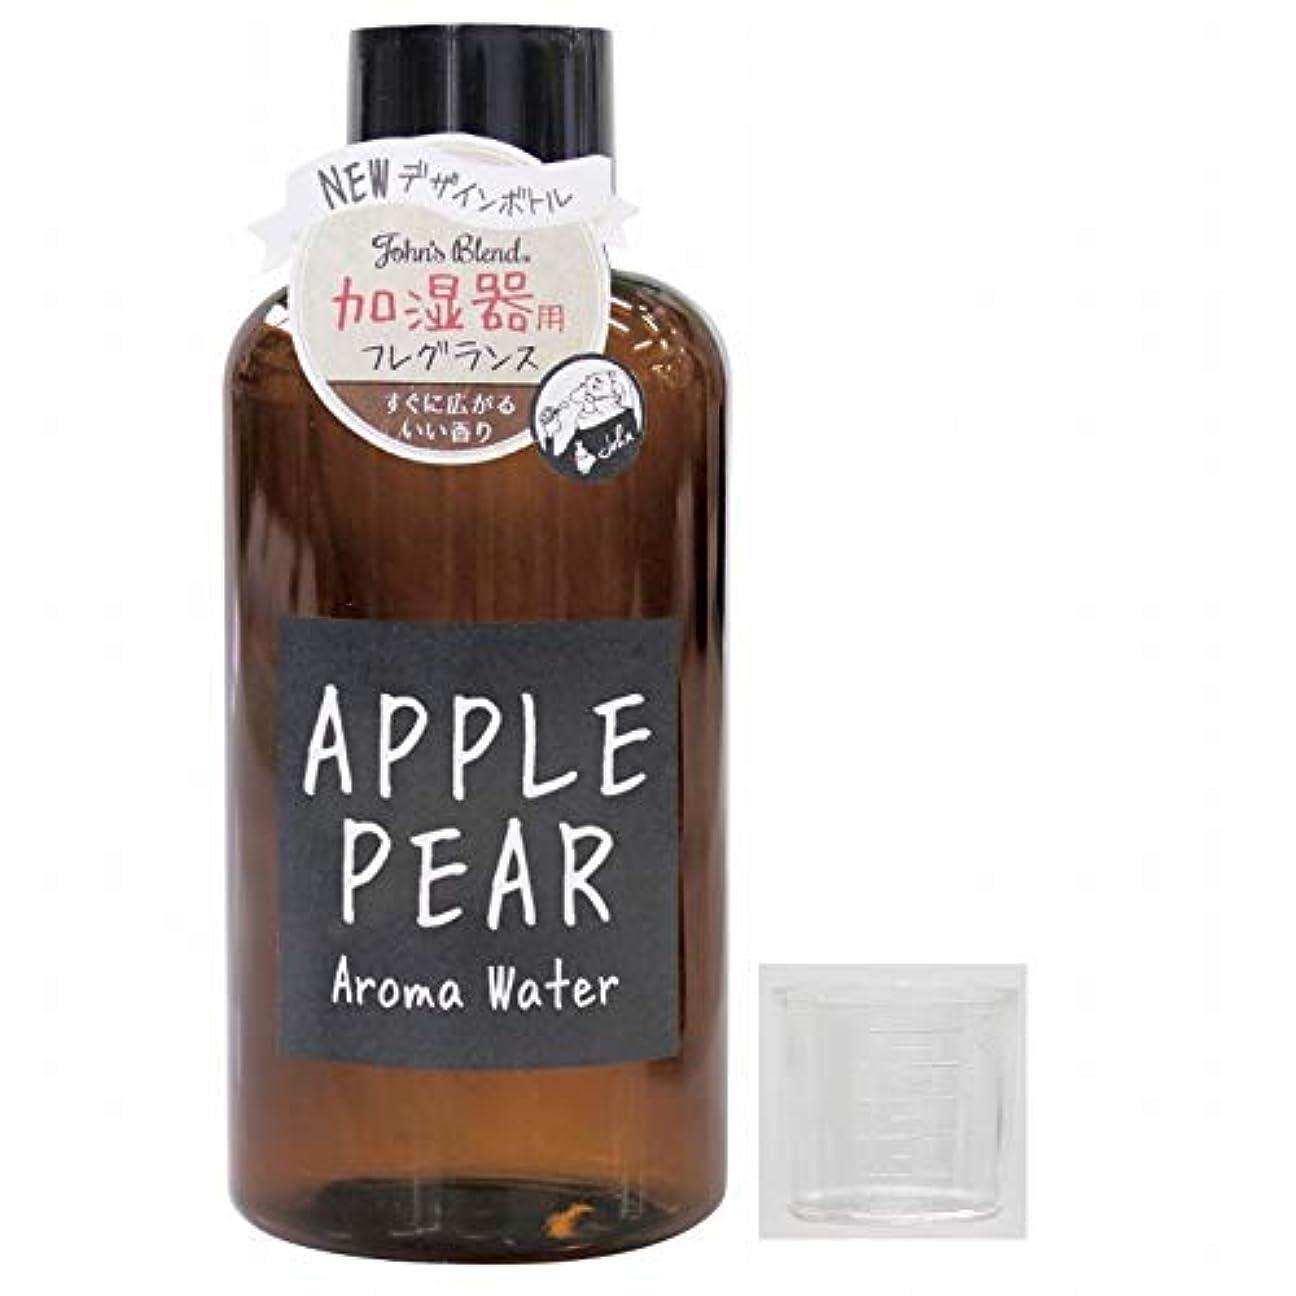 パフ気味の悪い令状【計量カップ付き】 JohnsBlend(ジョンズブレンド) アロマウォーター 加湿器用 520ml アップルペアーの香り OA-JON-12-4 【計量カップのおまけつき】